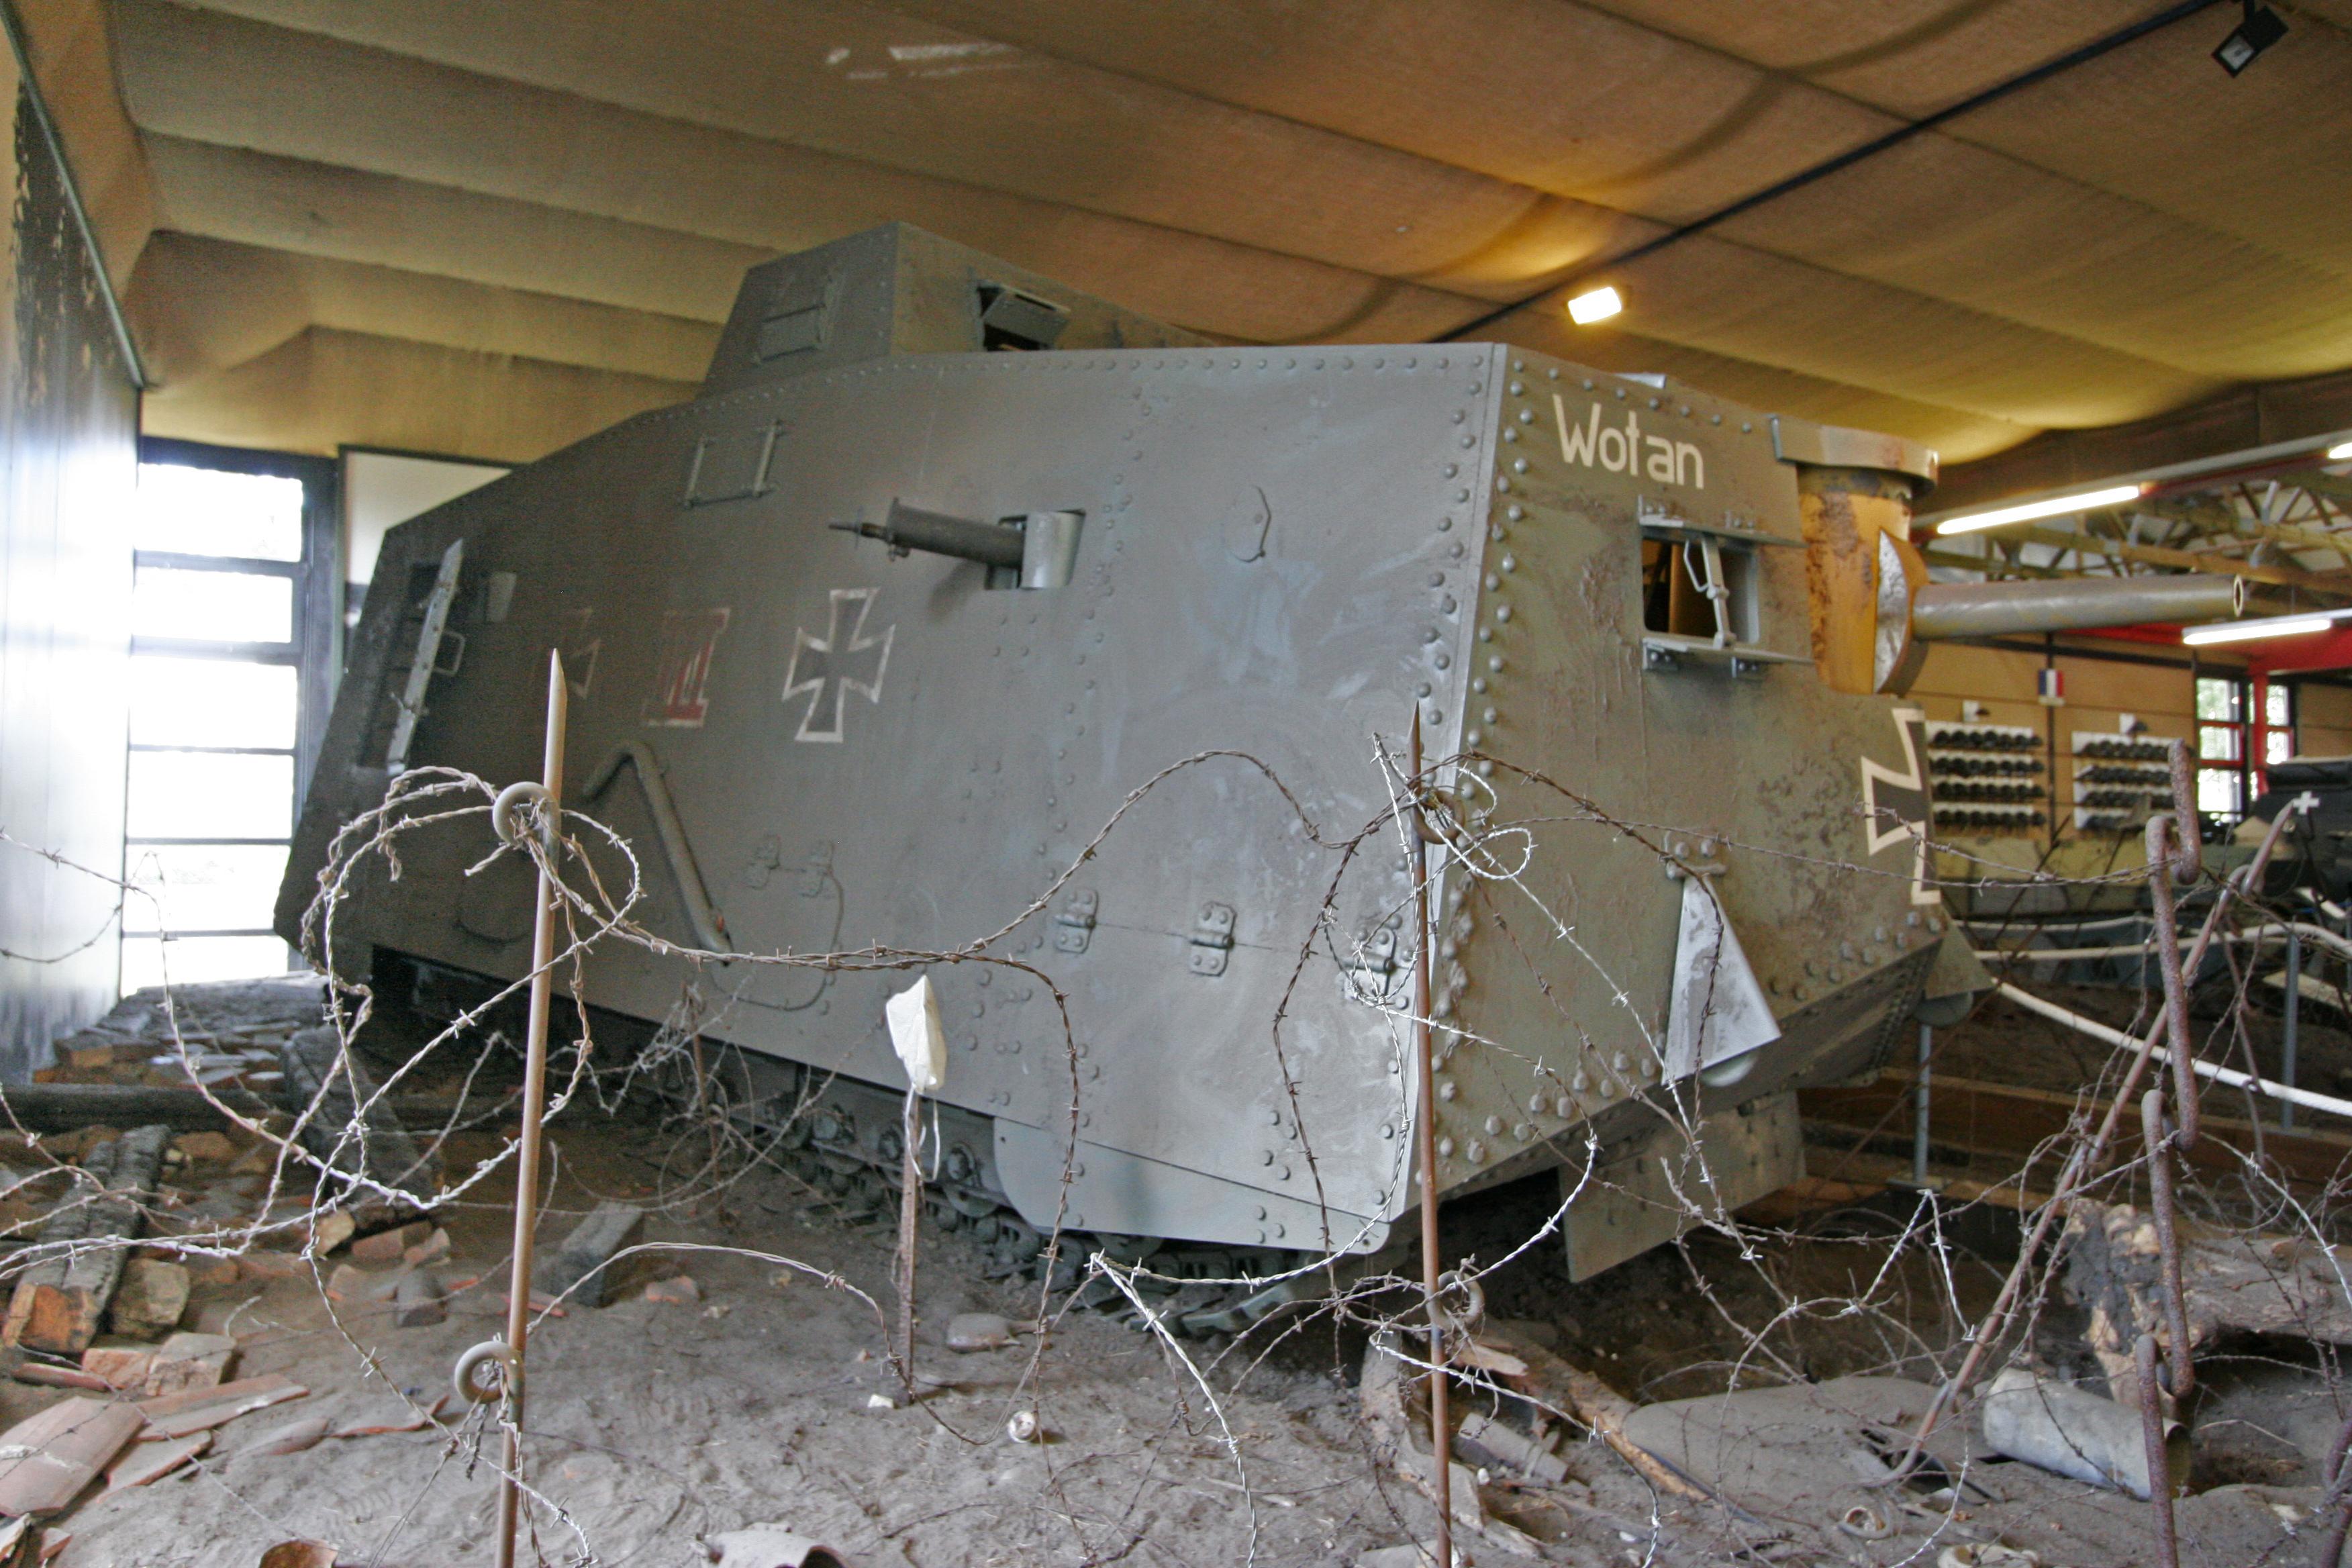 Fegyveres kozelharc afganisztanban 685 - Fegyveres Kozelharc Afganisztanban 685 1